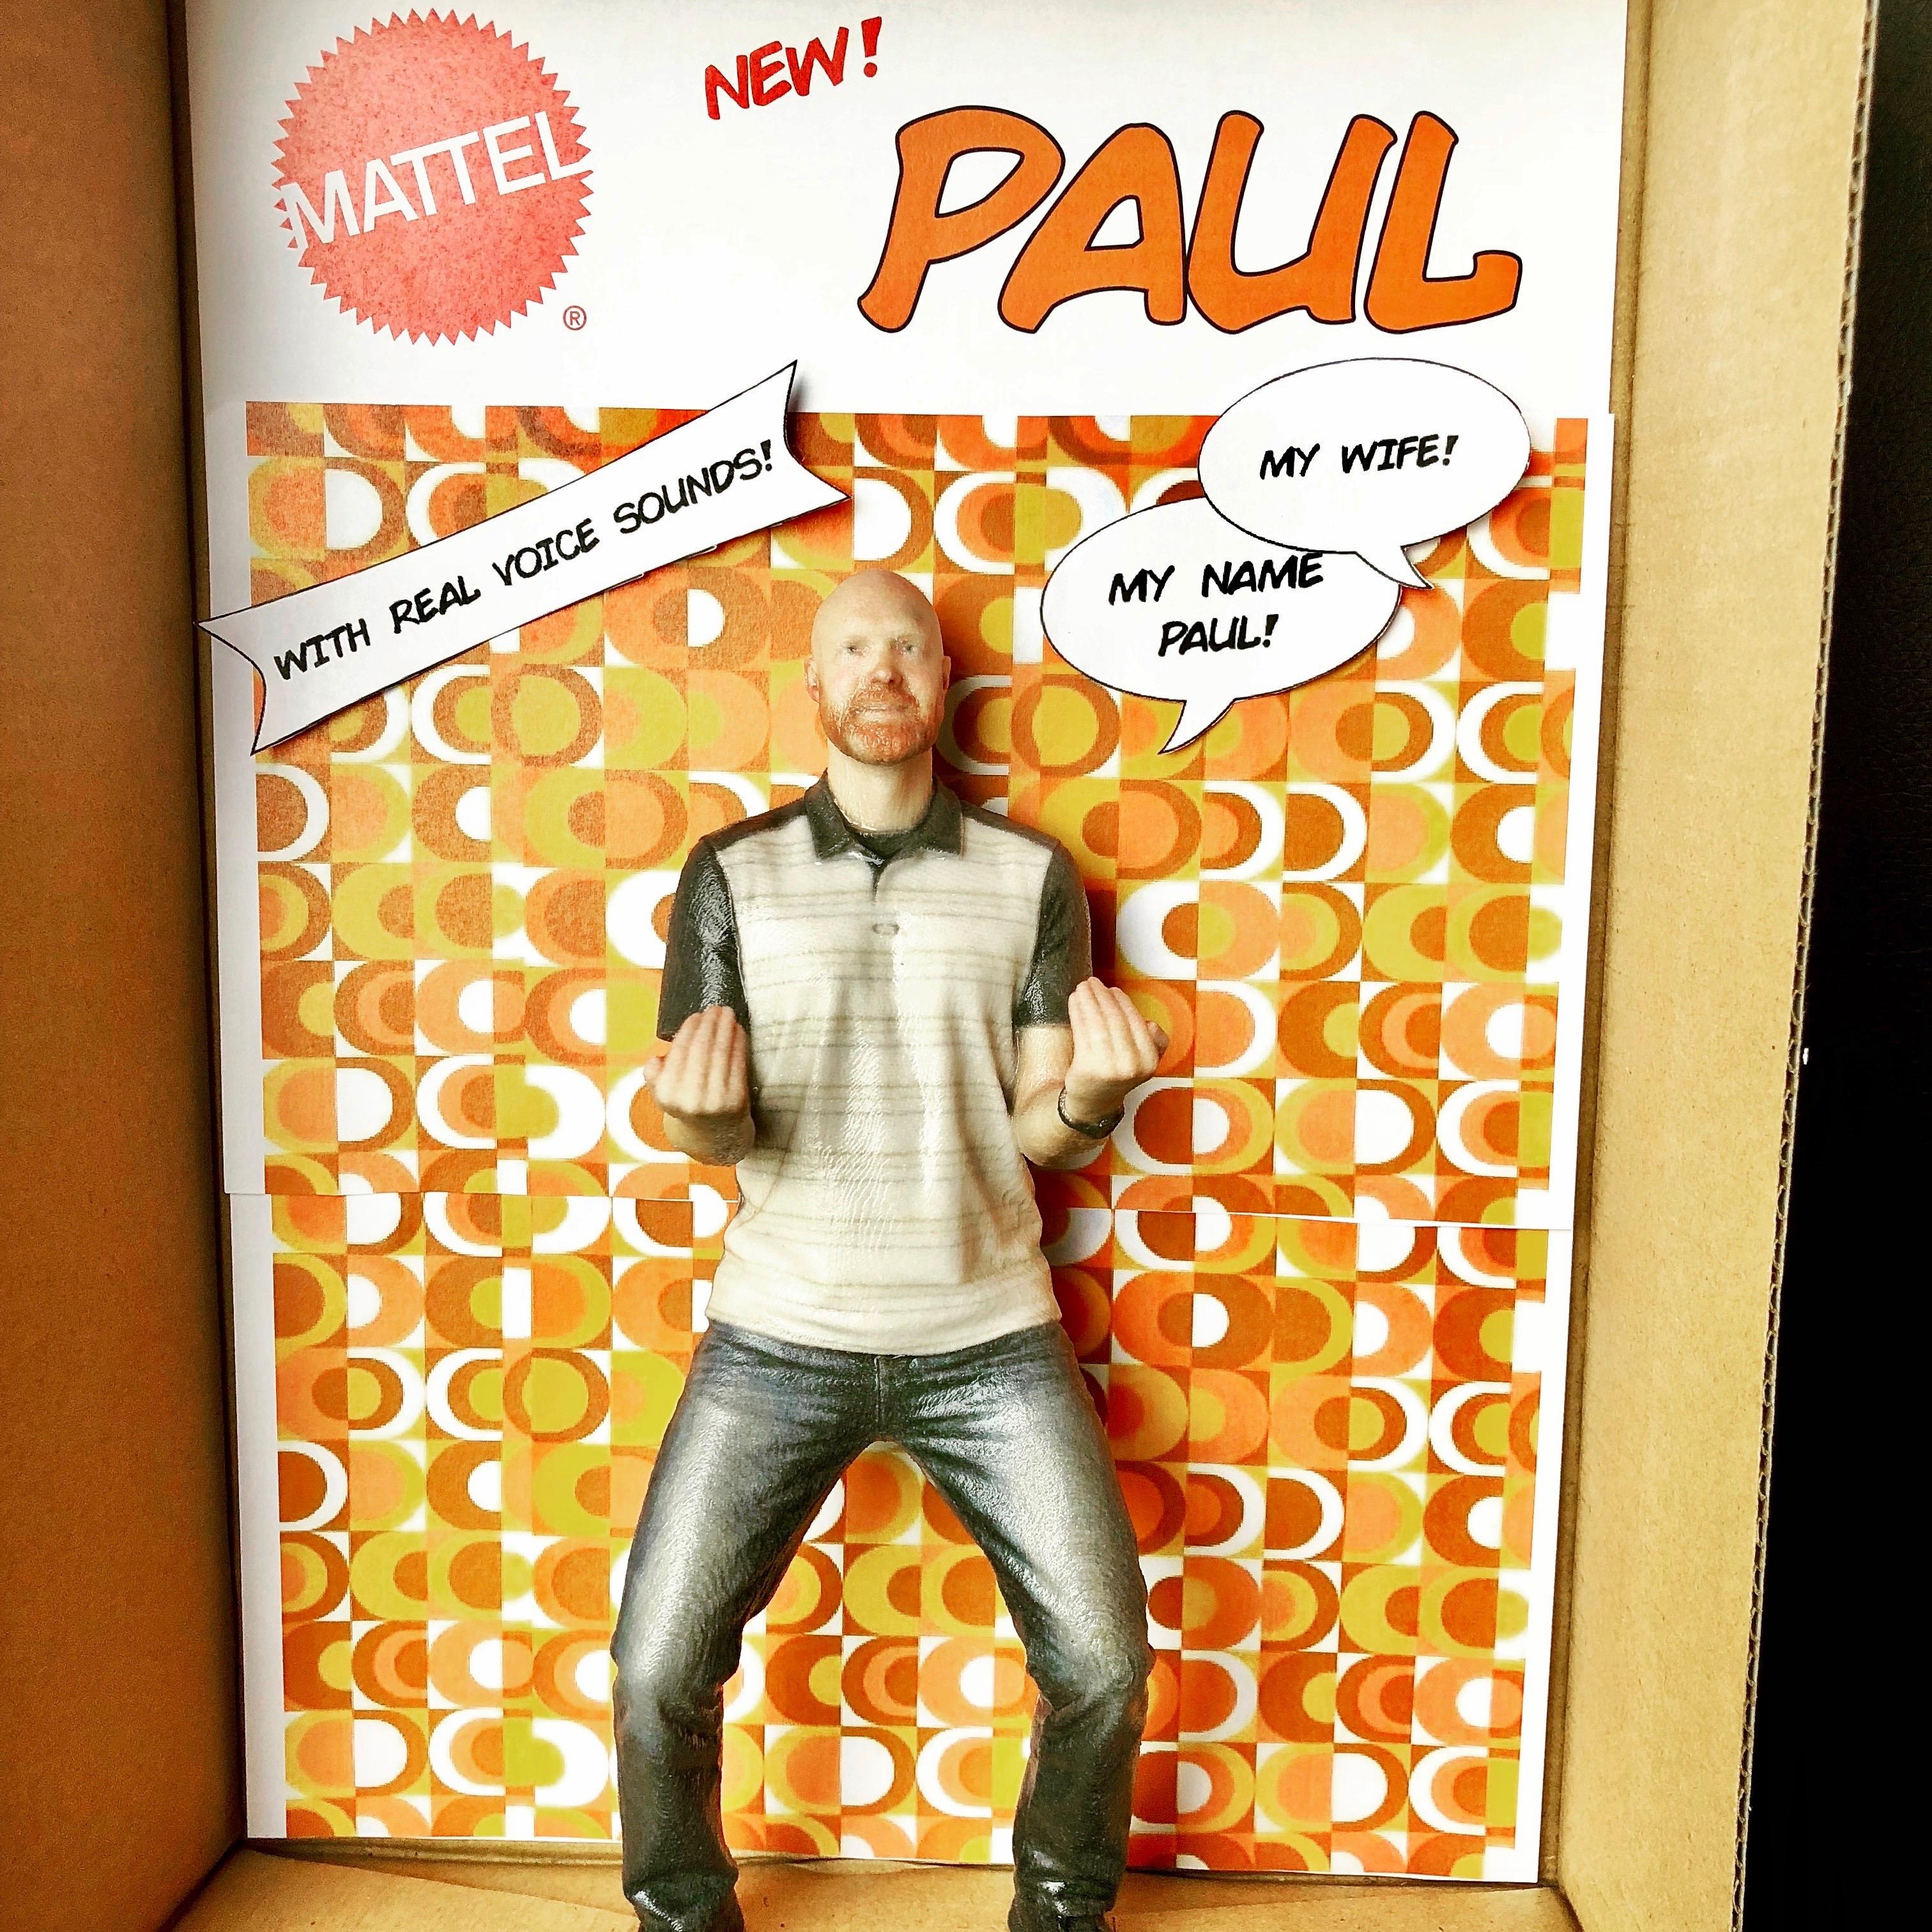 Little Paul